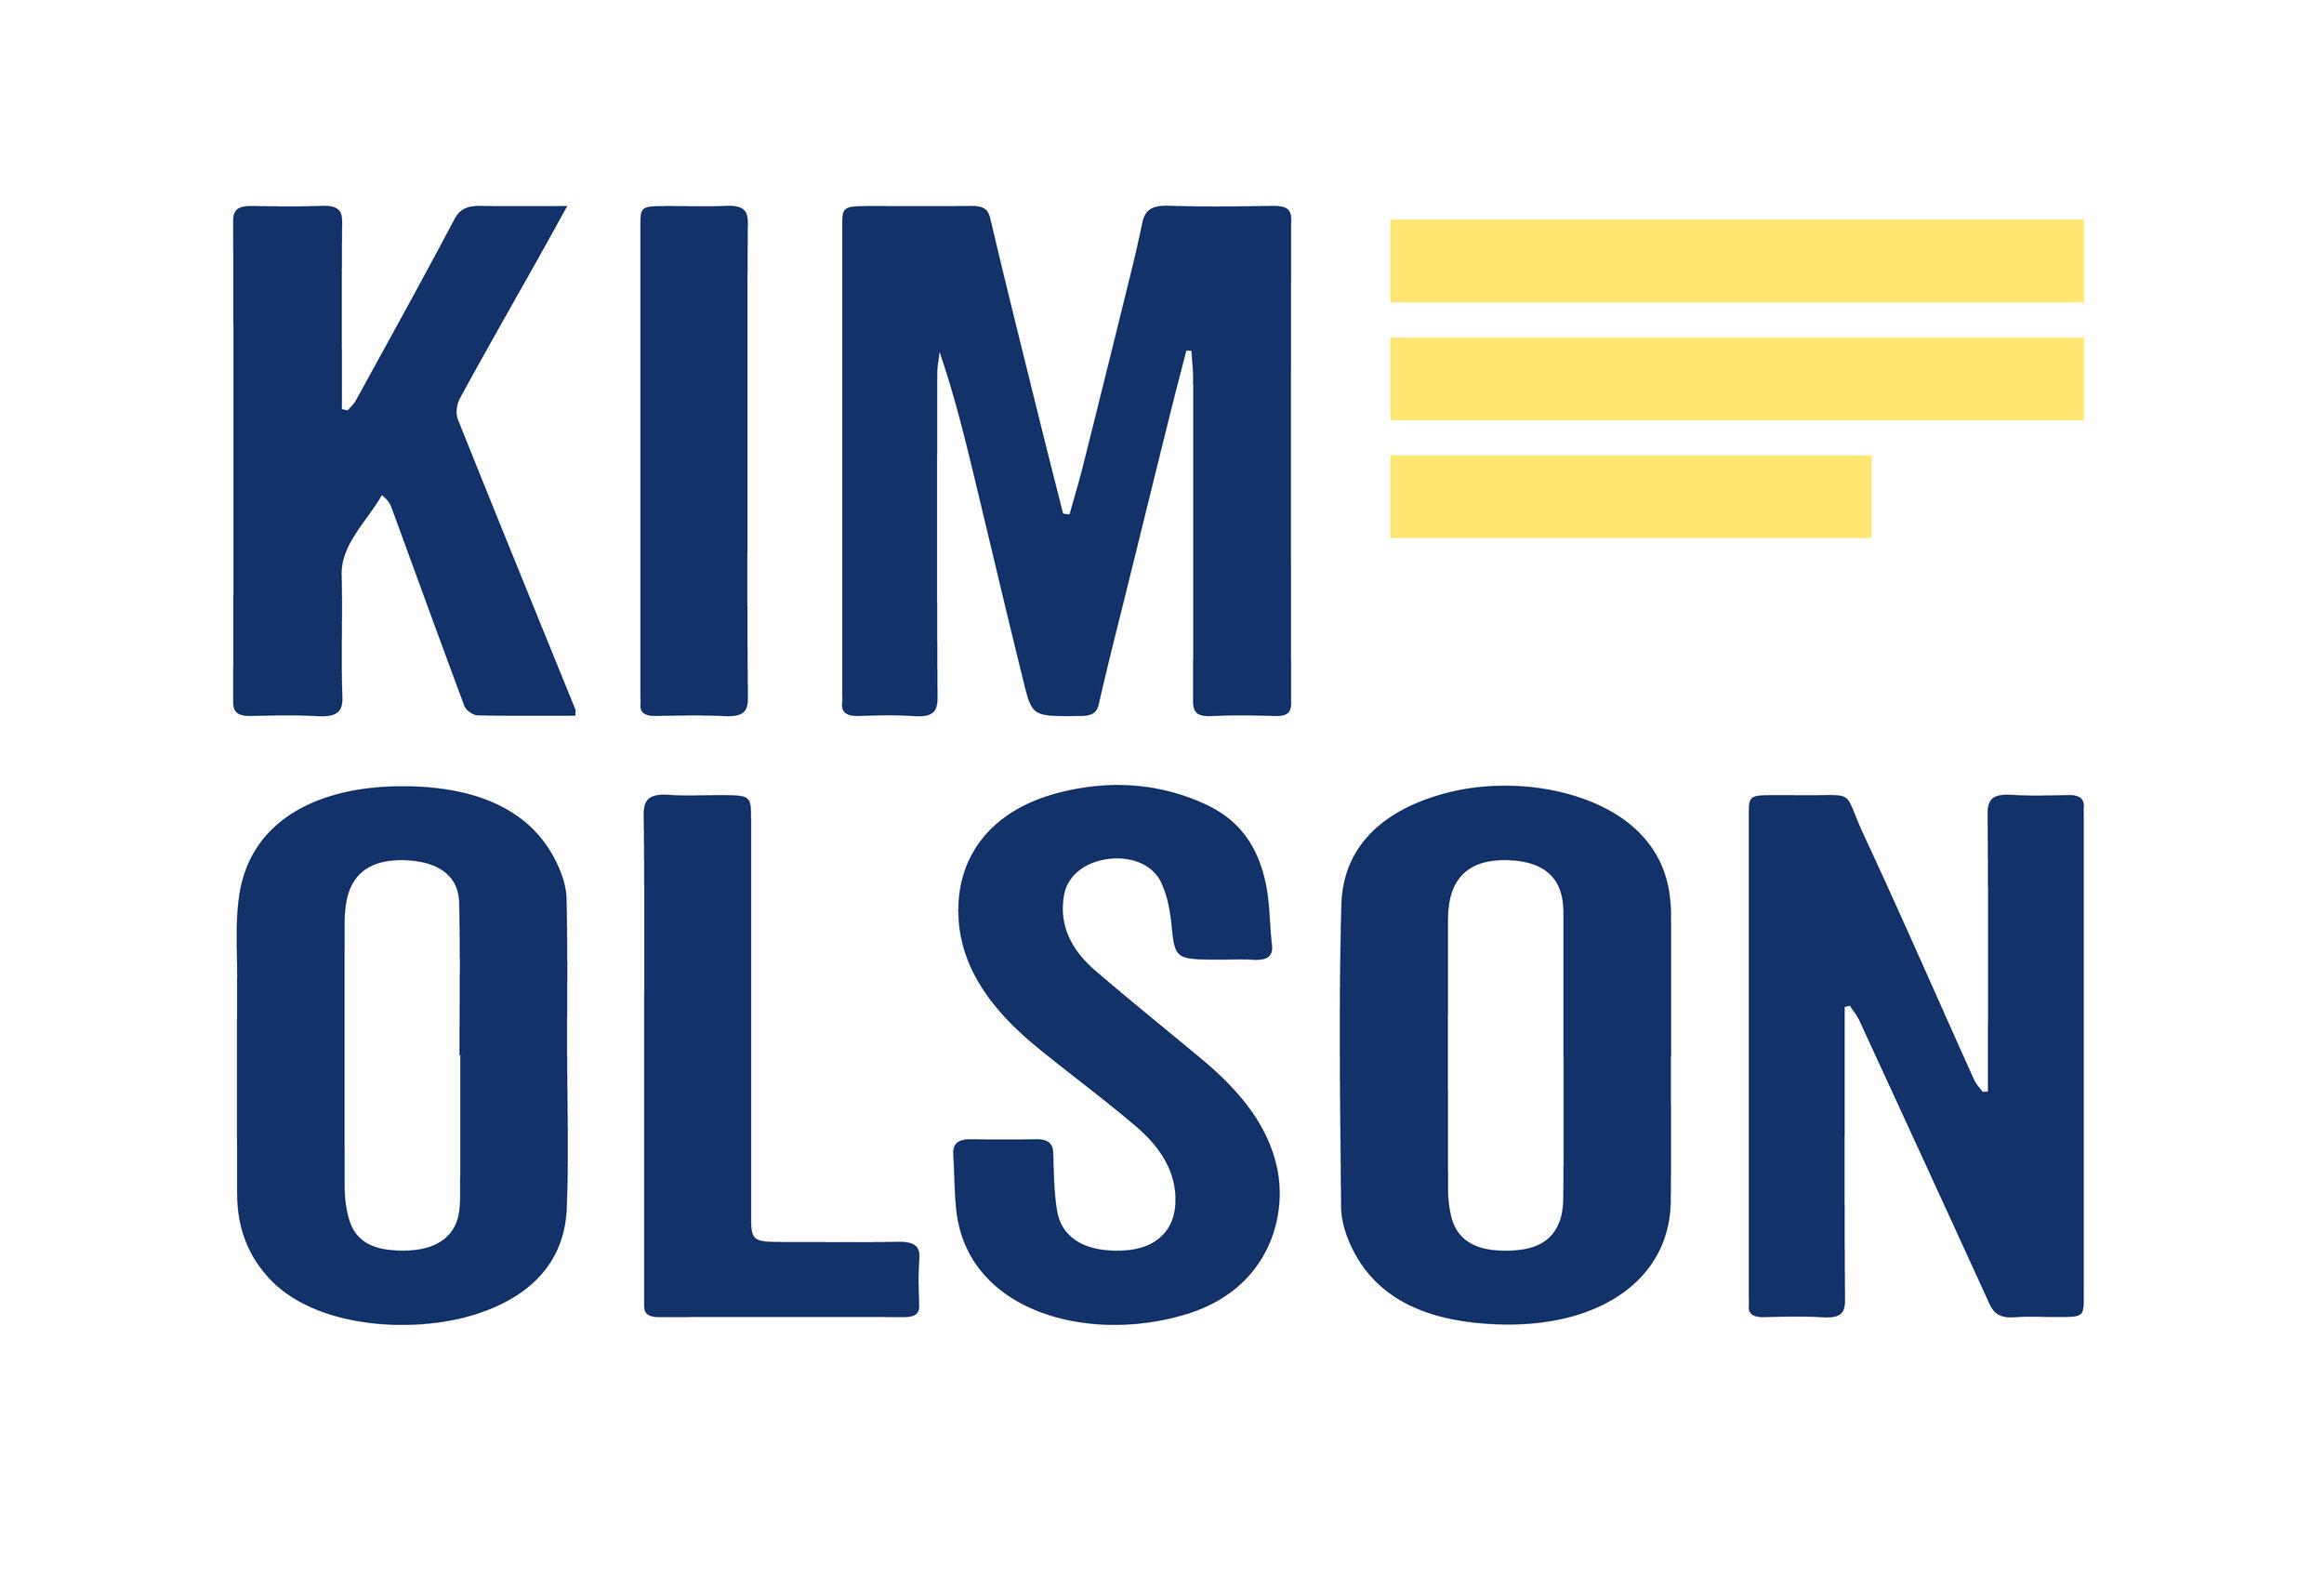 KO_logo_onW_bluegold_wing.jpg